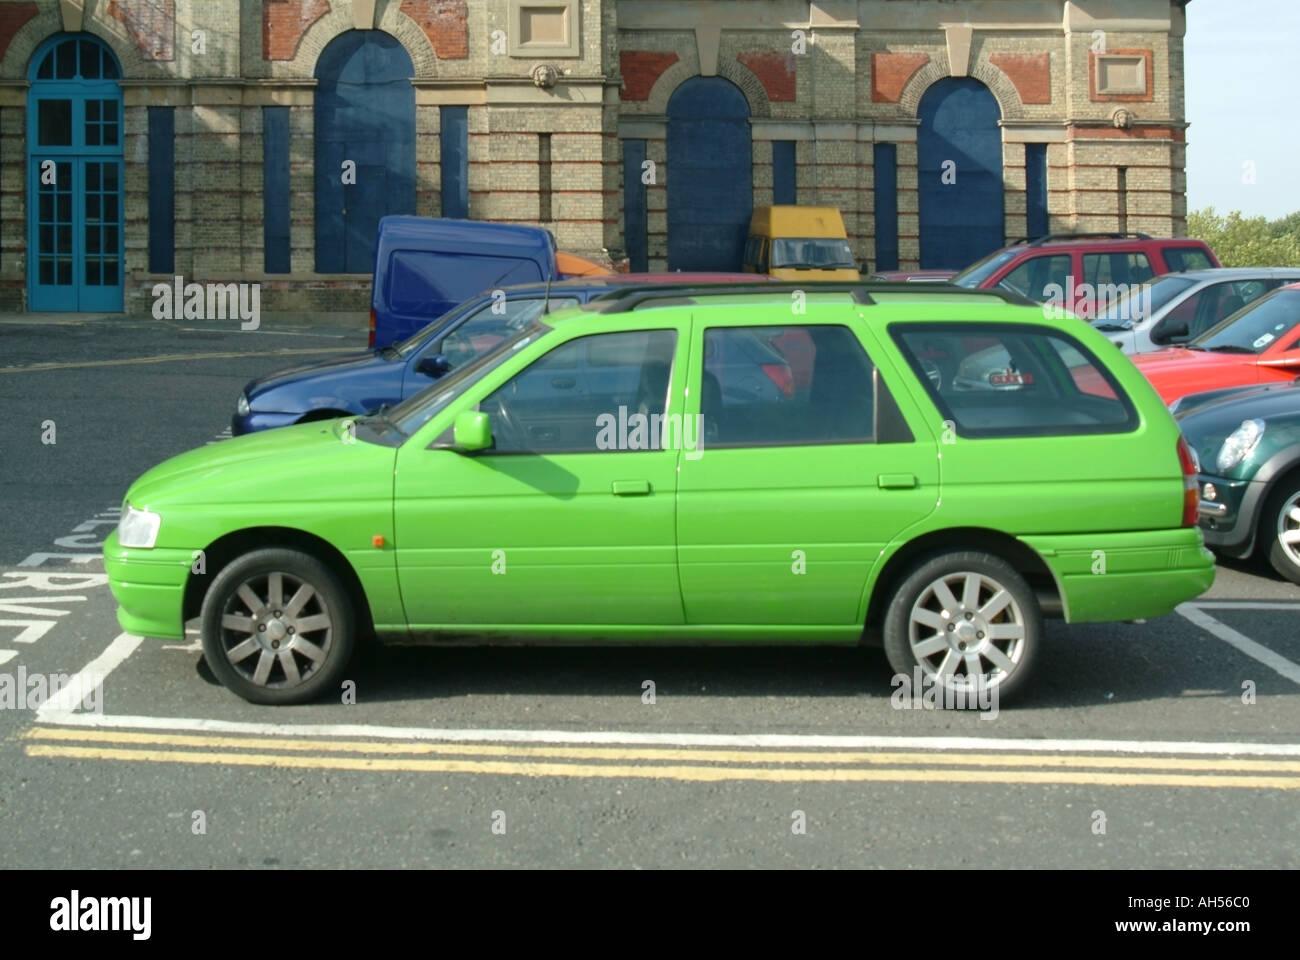 Nord-London helles grünes Auto im Parkplatz Aberglauben angeblich umgeben diese Farbwahl auch schwieriger zu verkaufen Stockbild